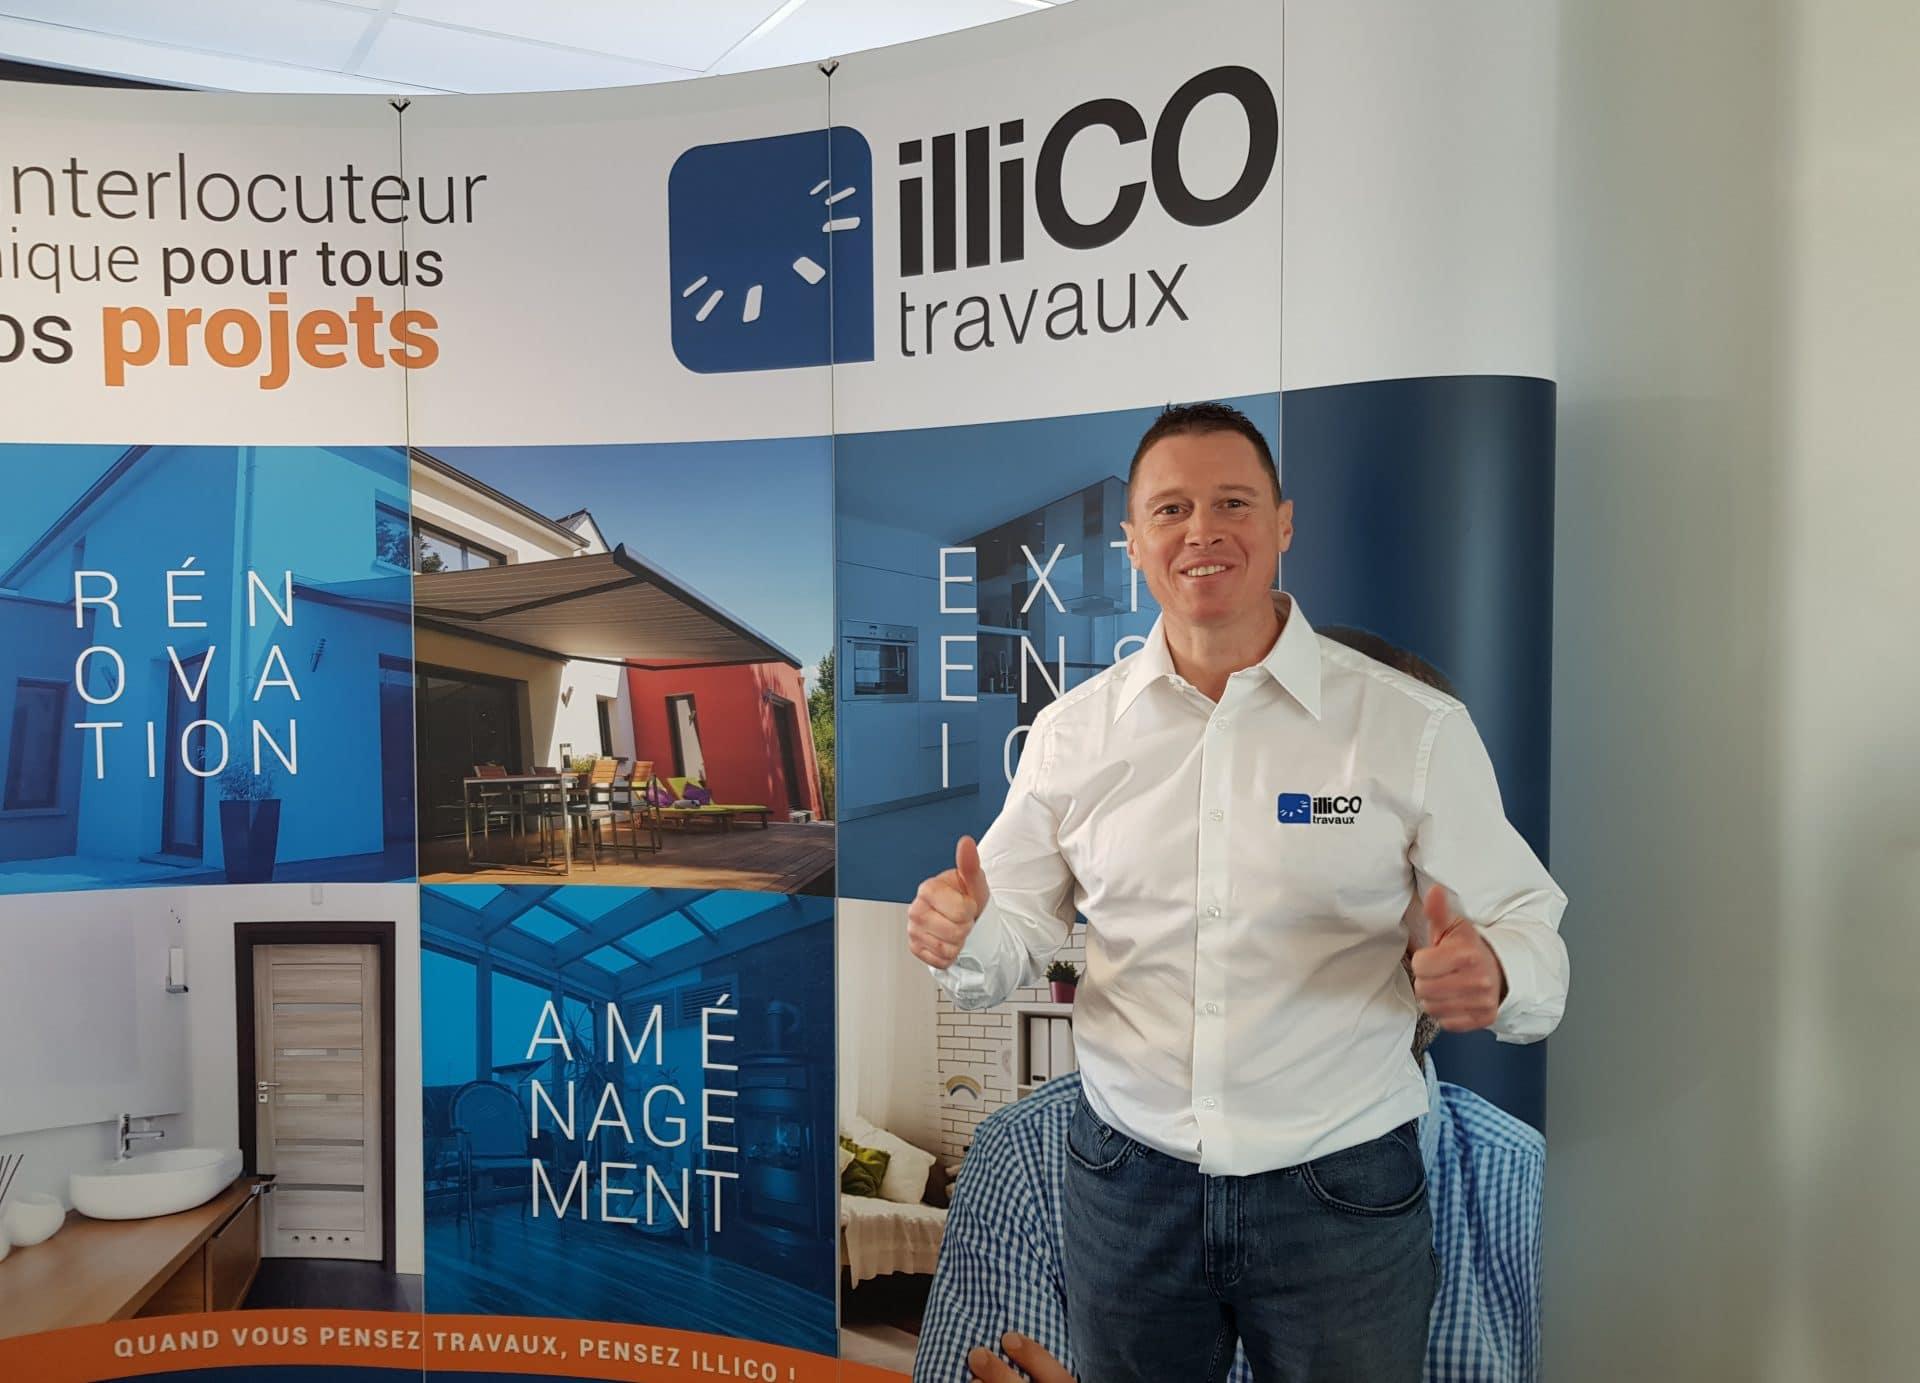 Témoignage de Laurent TEREYGEOL, responsable de l'agence illiCO travaux Toulouse Sud-Ouest